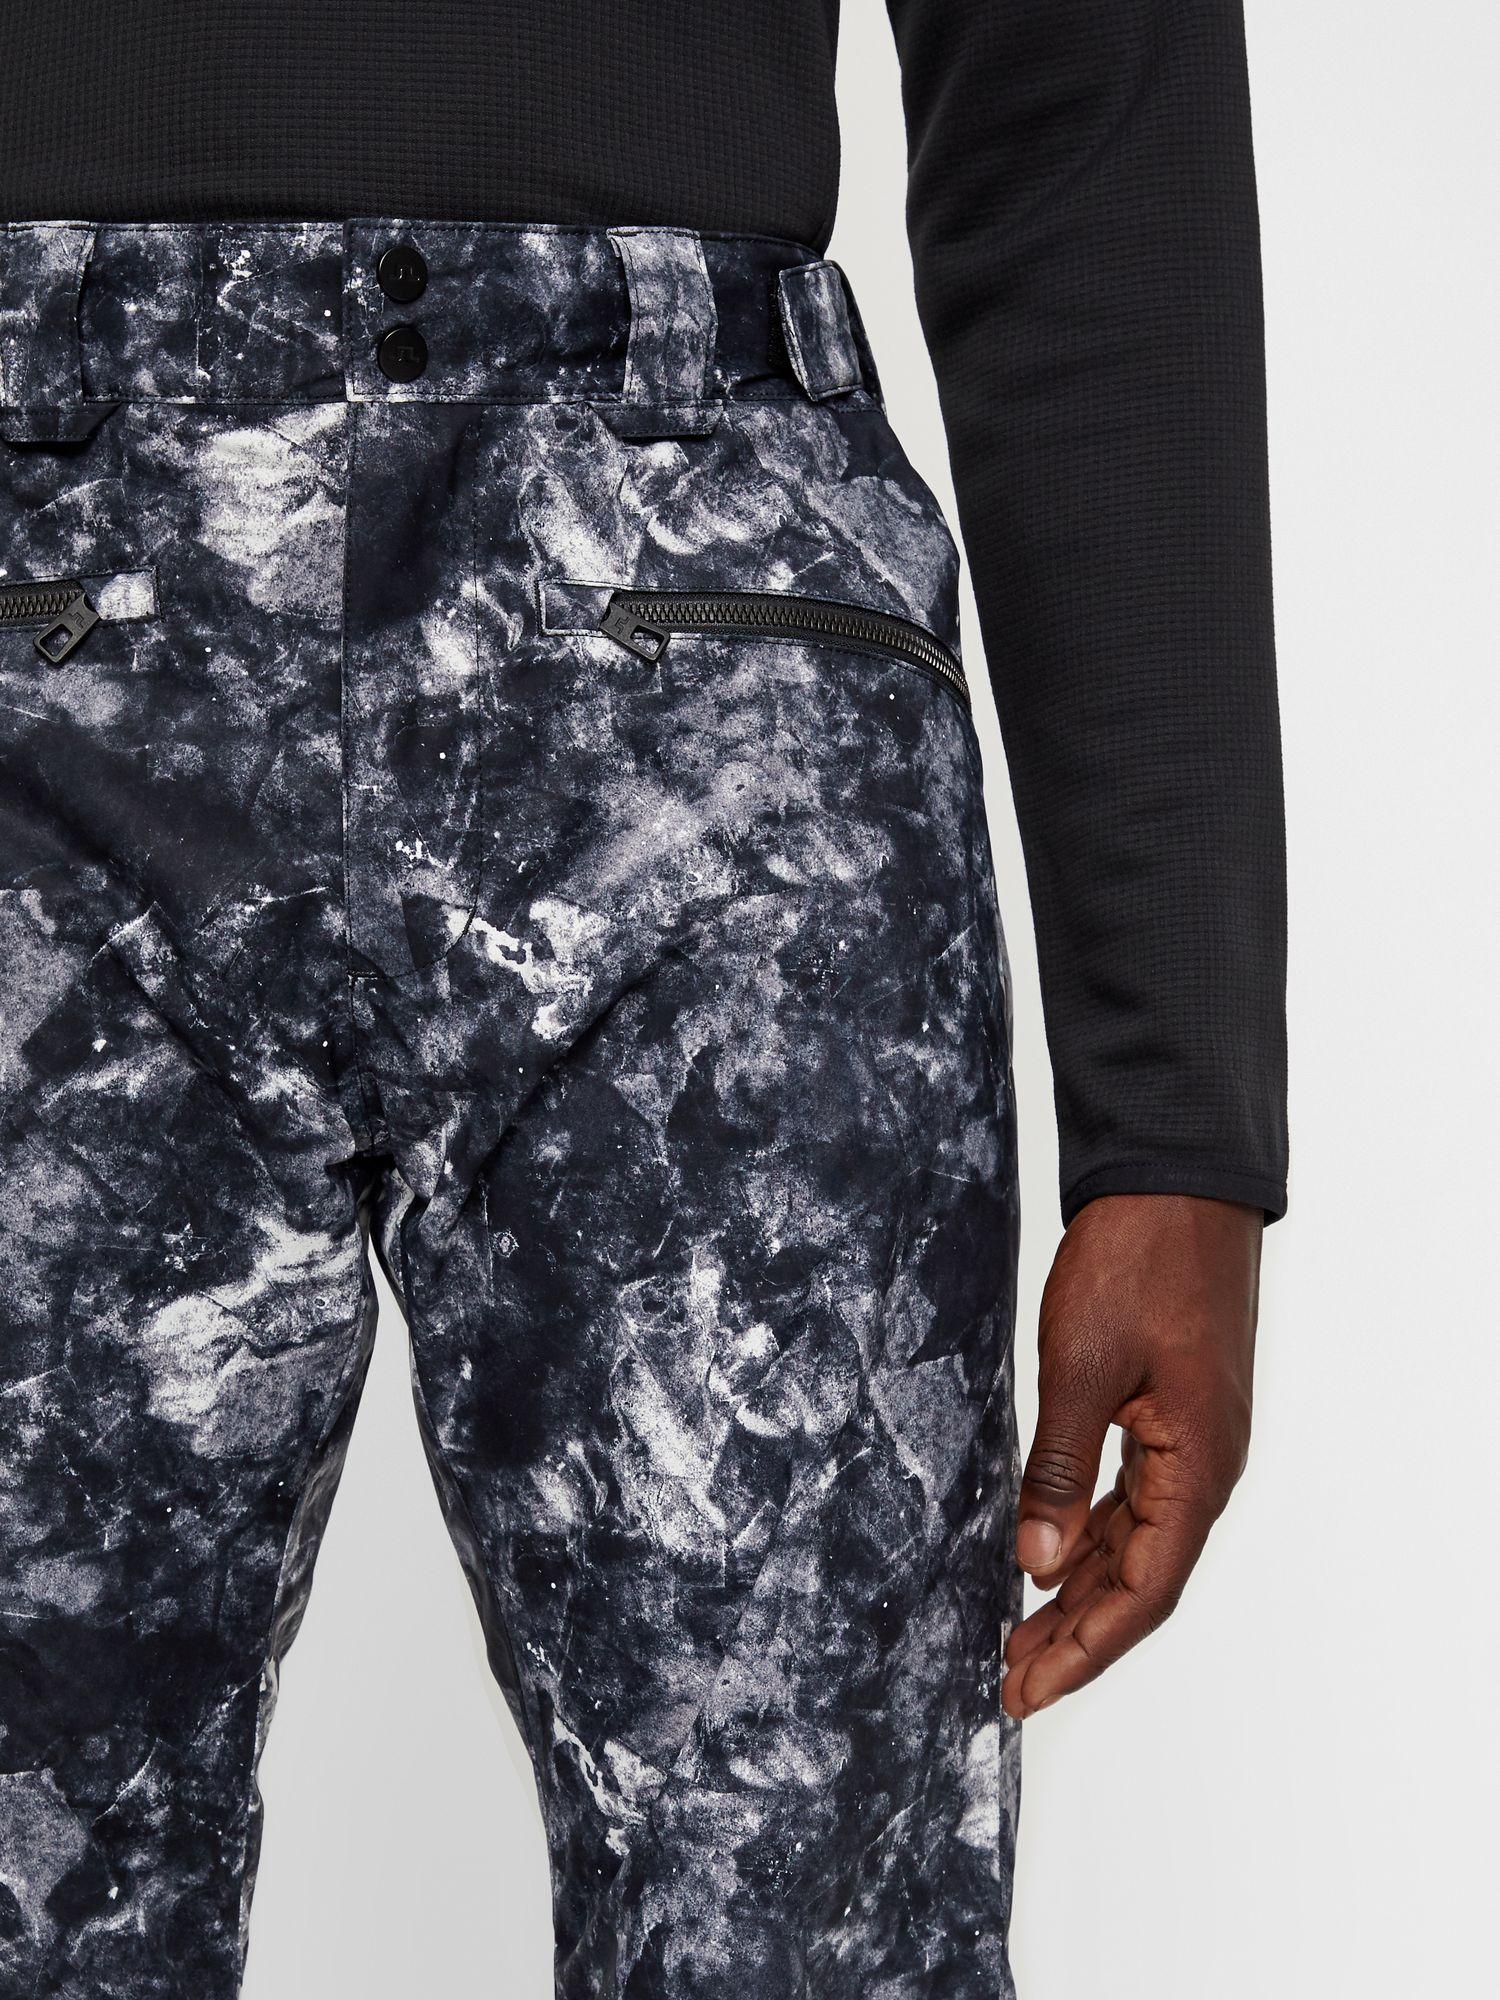 Men's Truuli Printed 2-Layer Ski Pants SALE